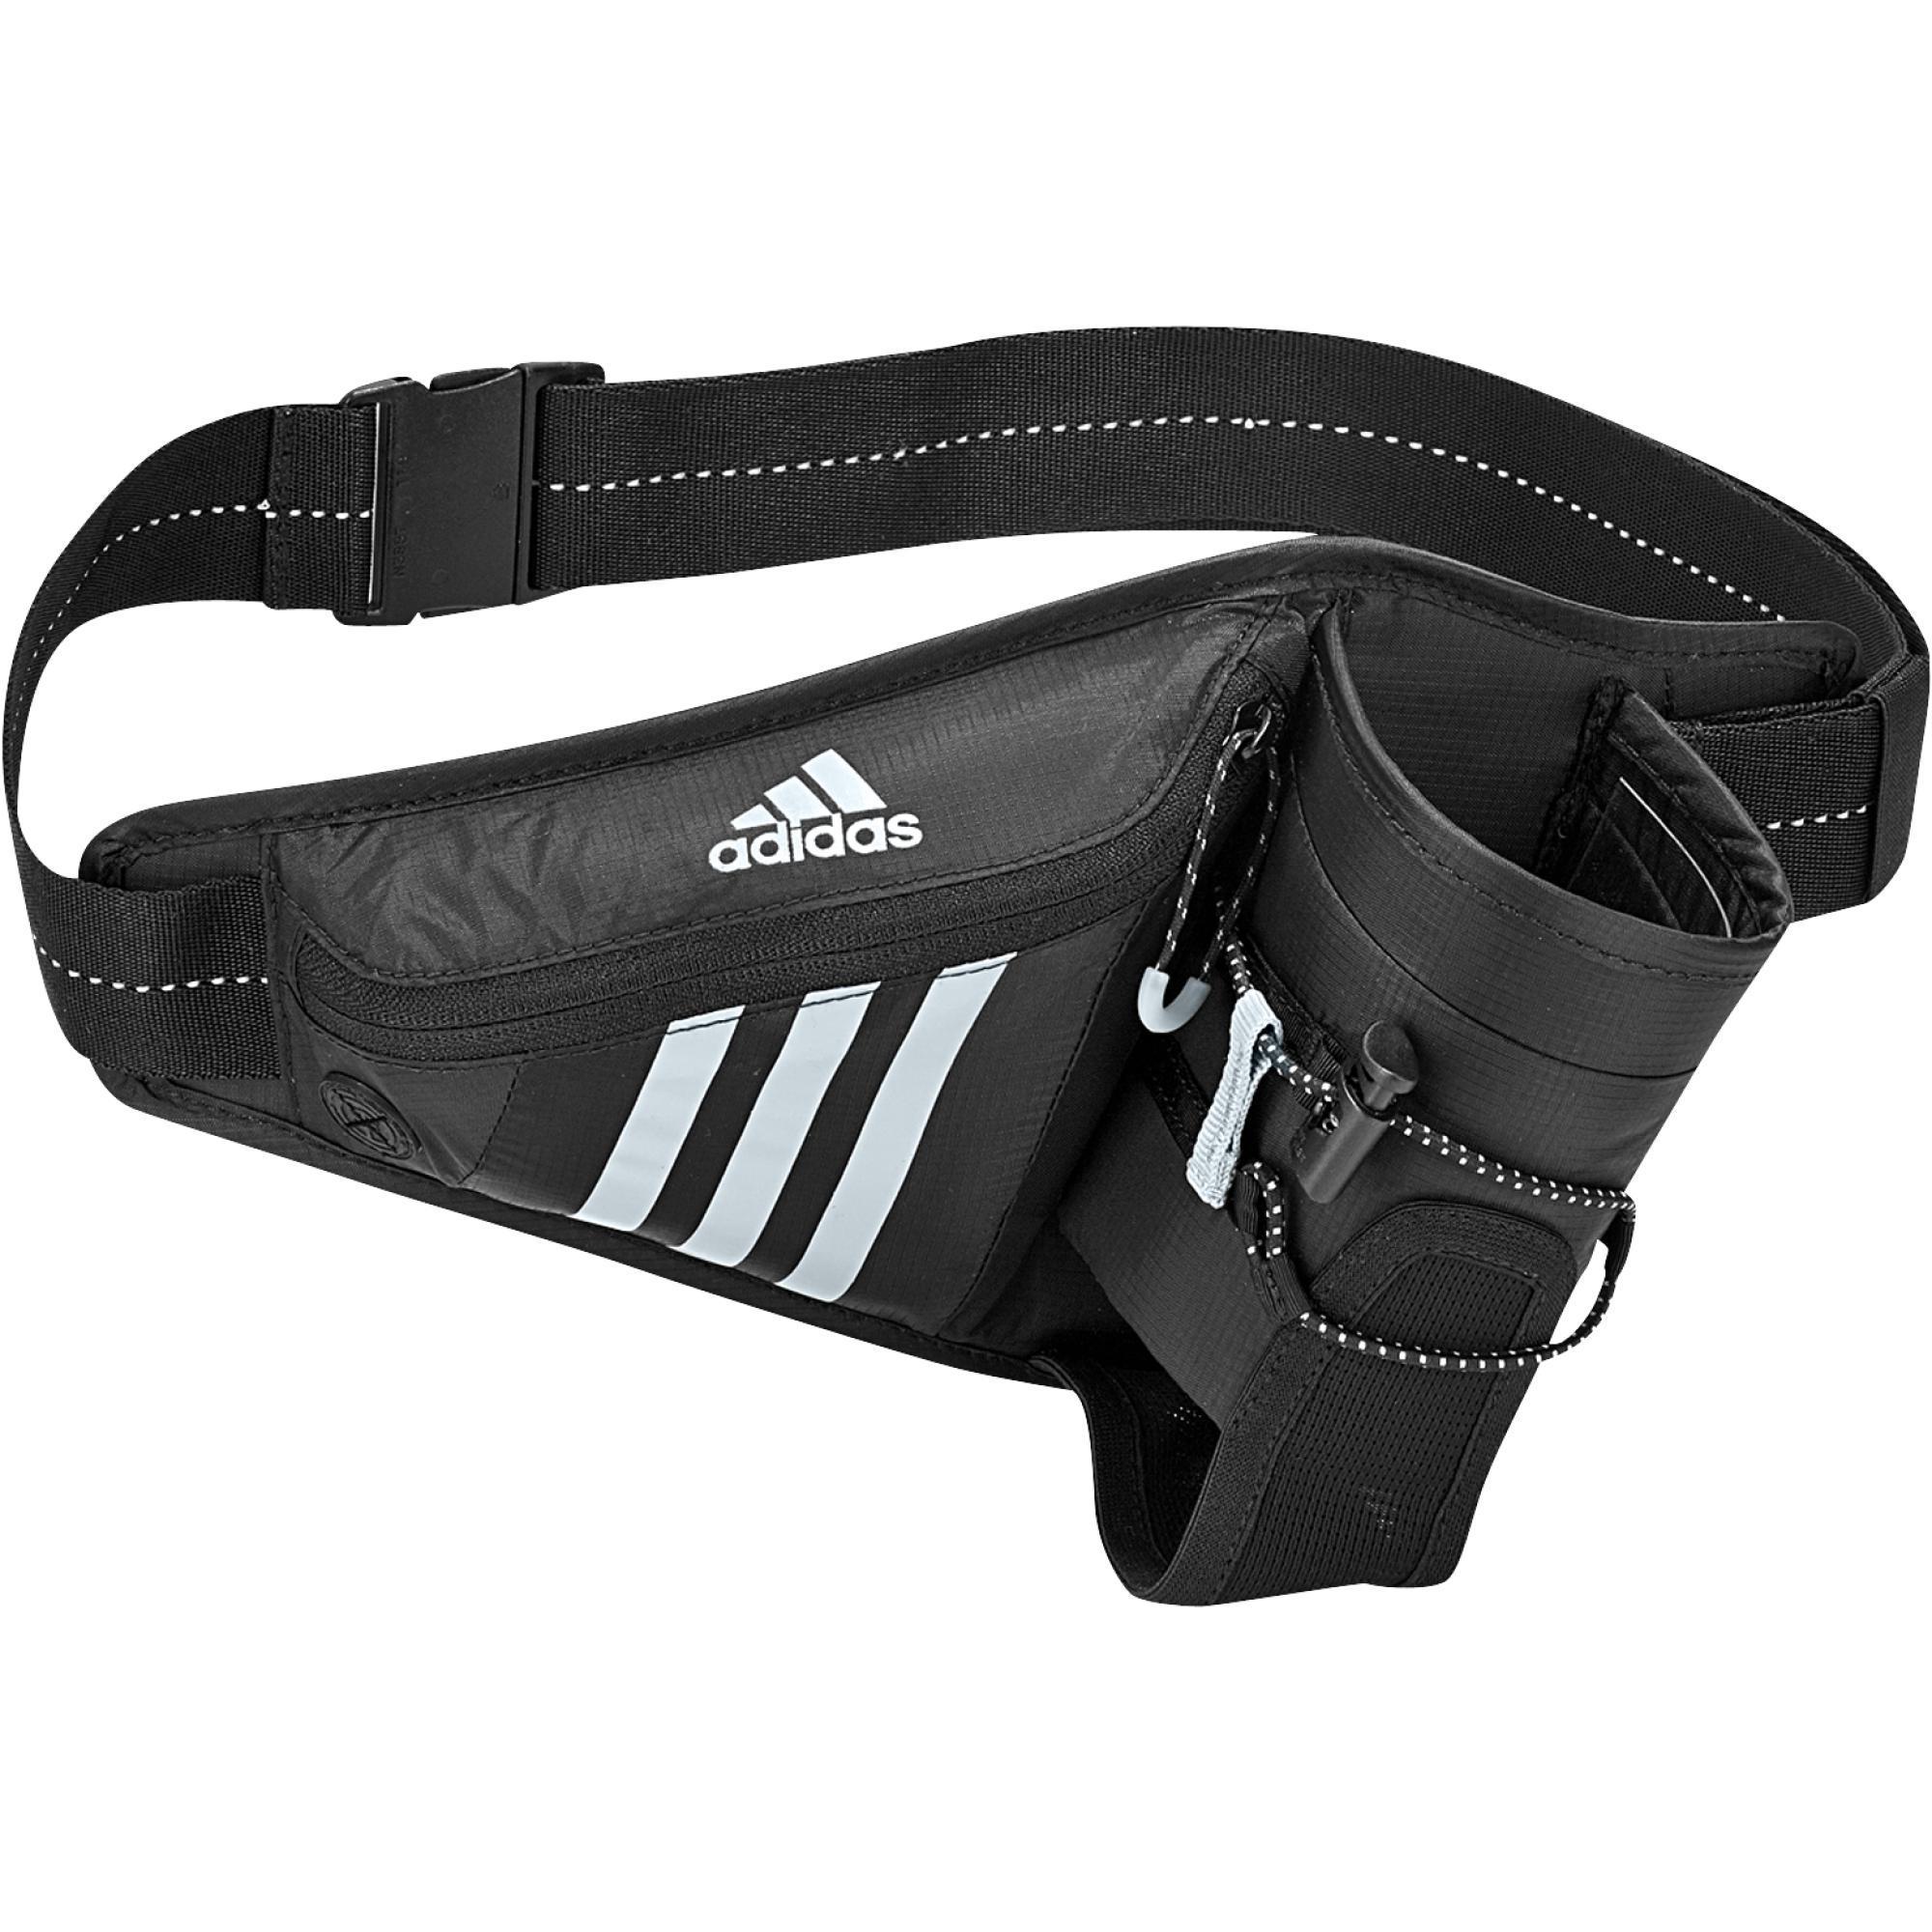 b02e1a33cd9f Adidas Running Bottle Waist Bag